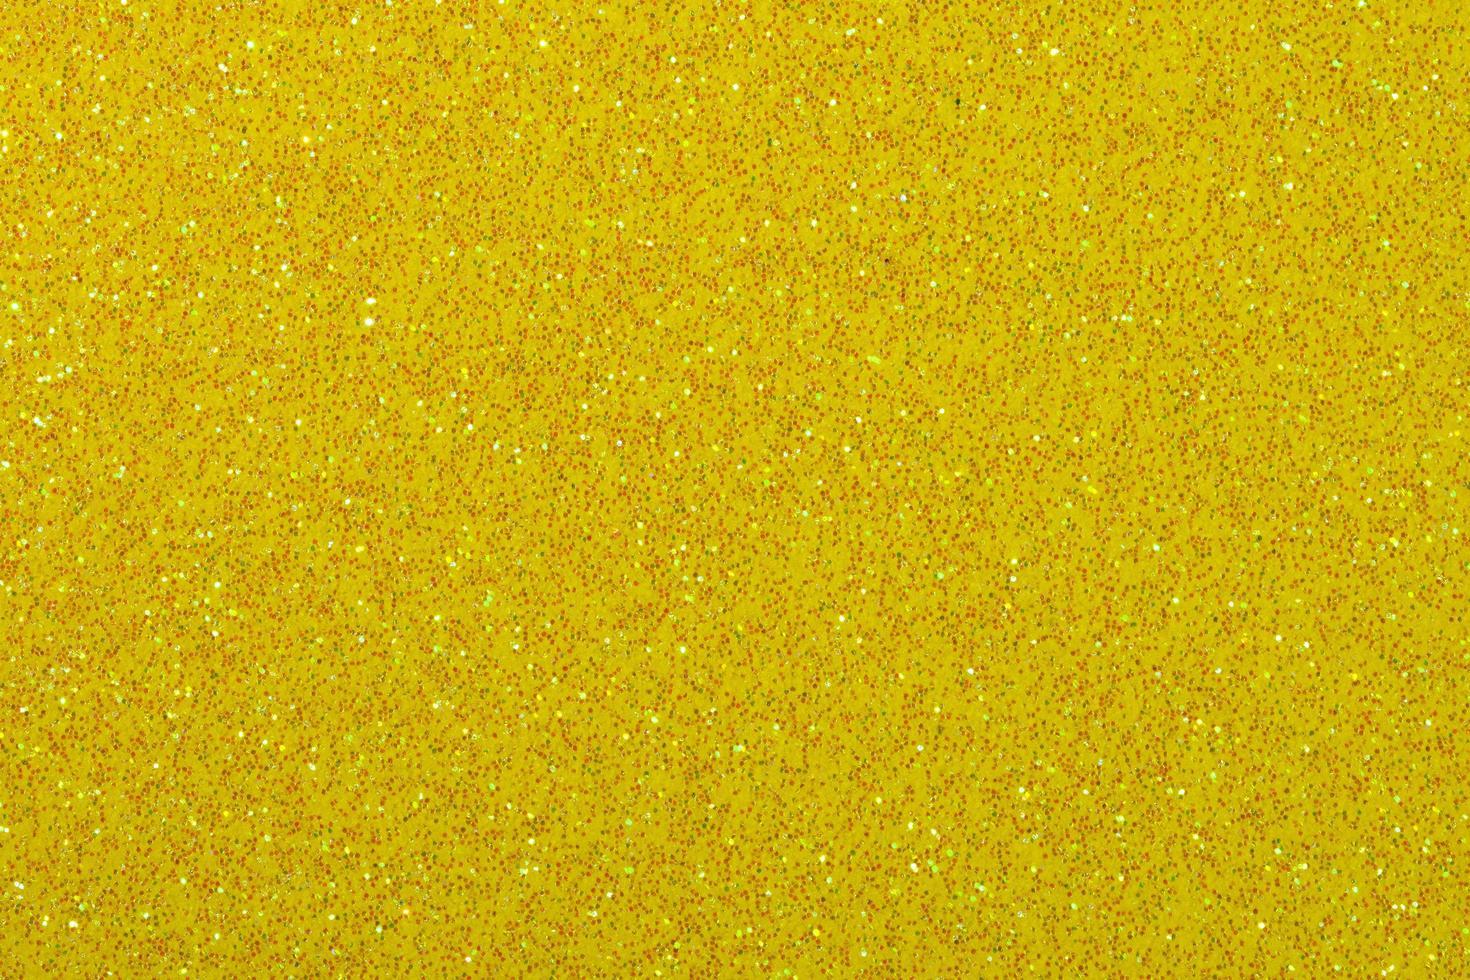 fondo de papel brillo amarillo oscuro foto